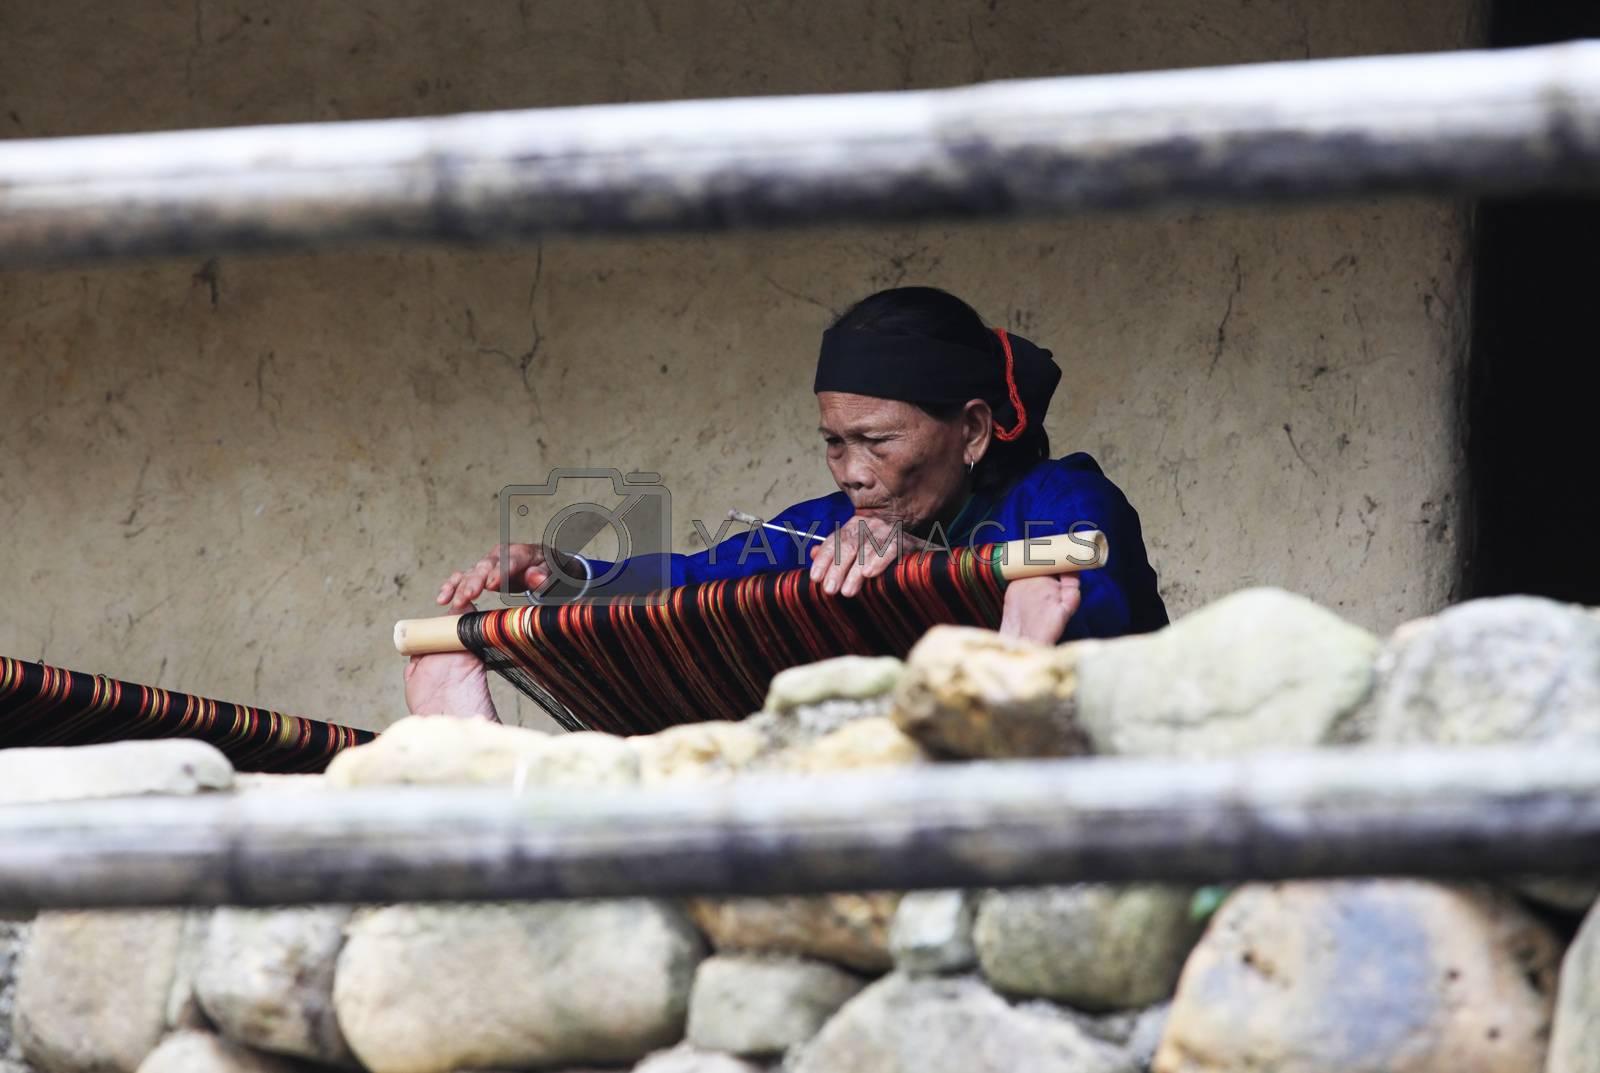 Hainan, China - April 7, 2012: Mature woman works on an ancient loom in Hainan. China